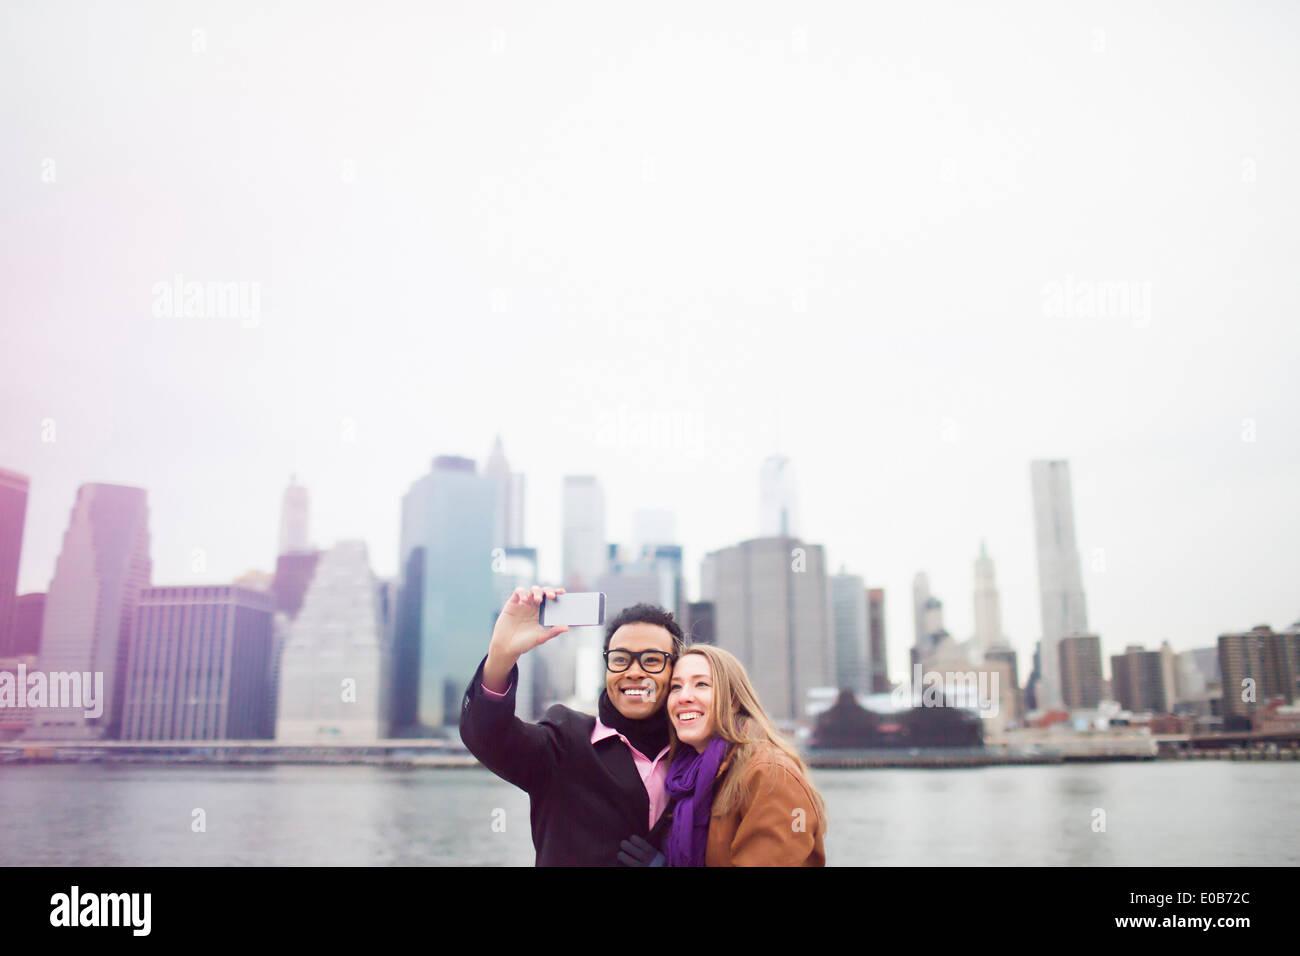 Pareja joven teniendo selfie con el horizonte de Manhattan, Nueva York, EE.UU. Imagen De Stock